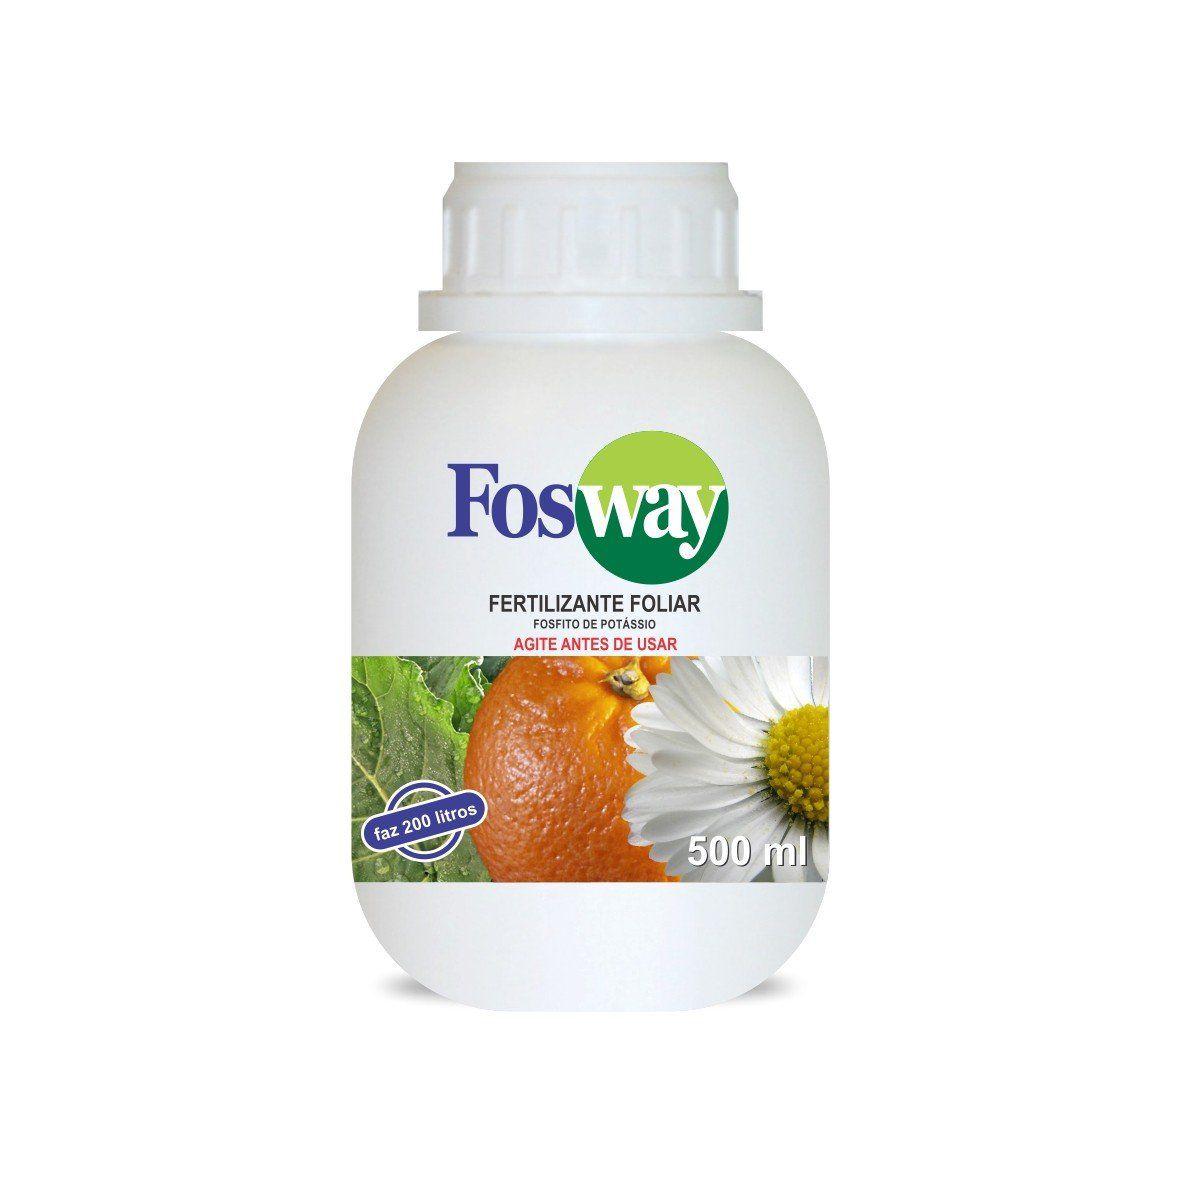 Adubo Fertilizante com Fosfito de Potássio FOSWAY - 500ml - Faz 200 Litros